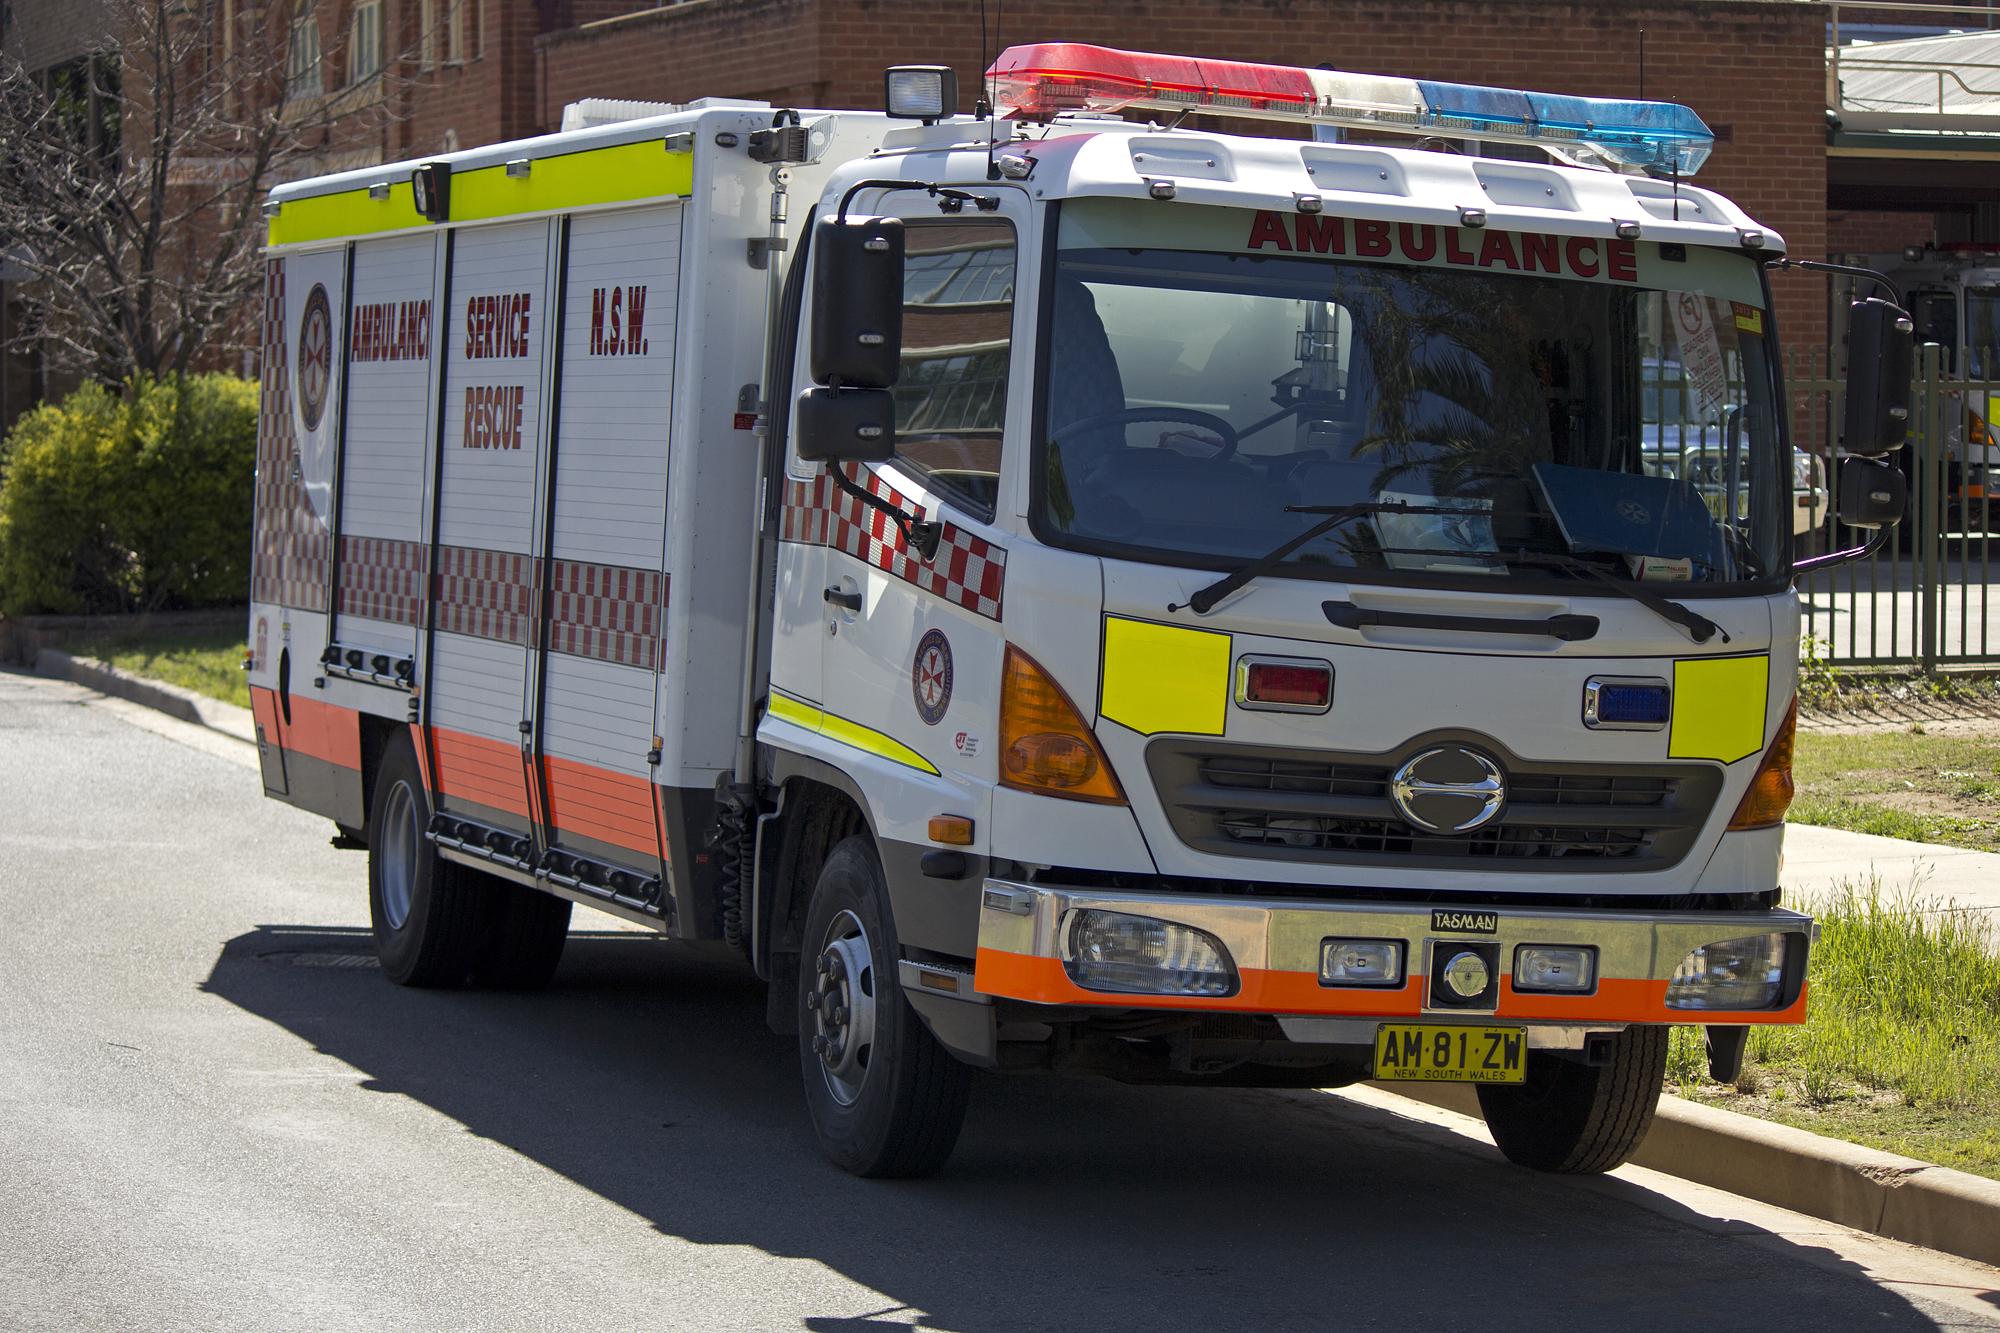 file ambulance service of new south wales rescue hino ranger  file ambulance service of new south wales rescue hino ranger 4